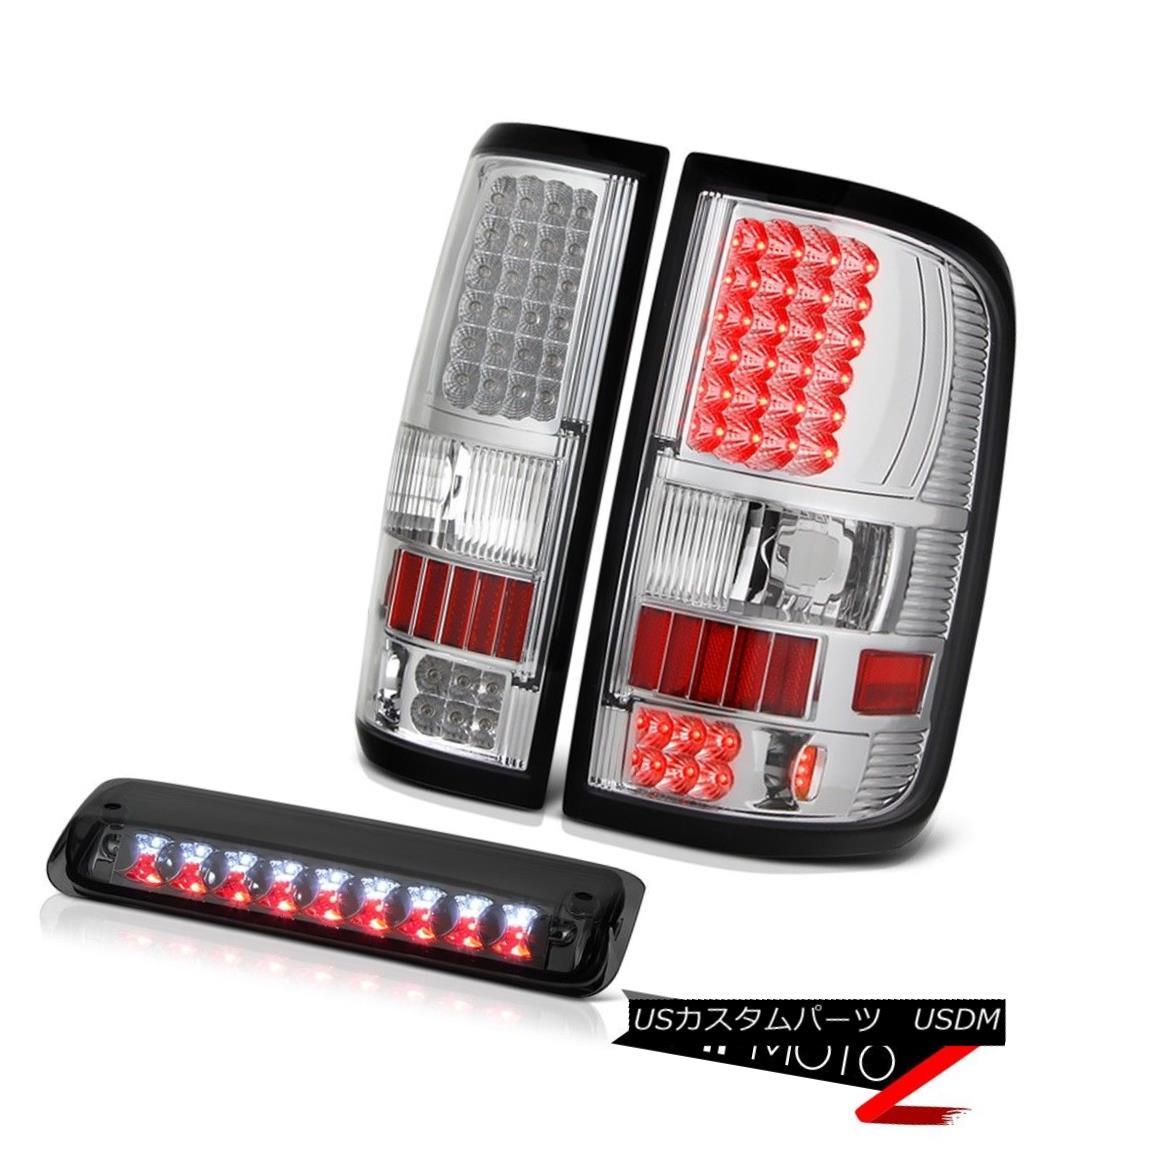 テールライト 04 05 06 07 08 Ford F150 XL Roof Cargo Lamp Parking Brake Lights